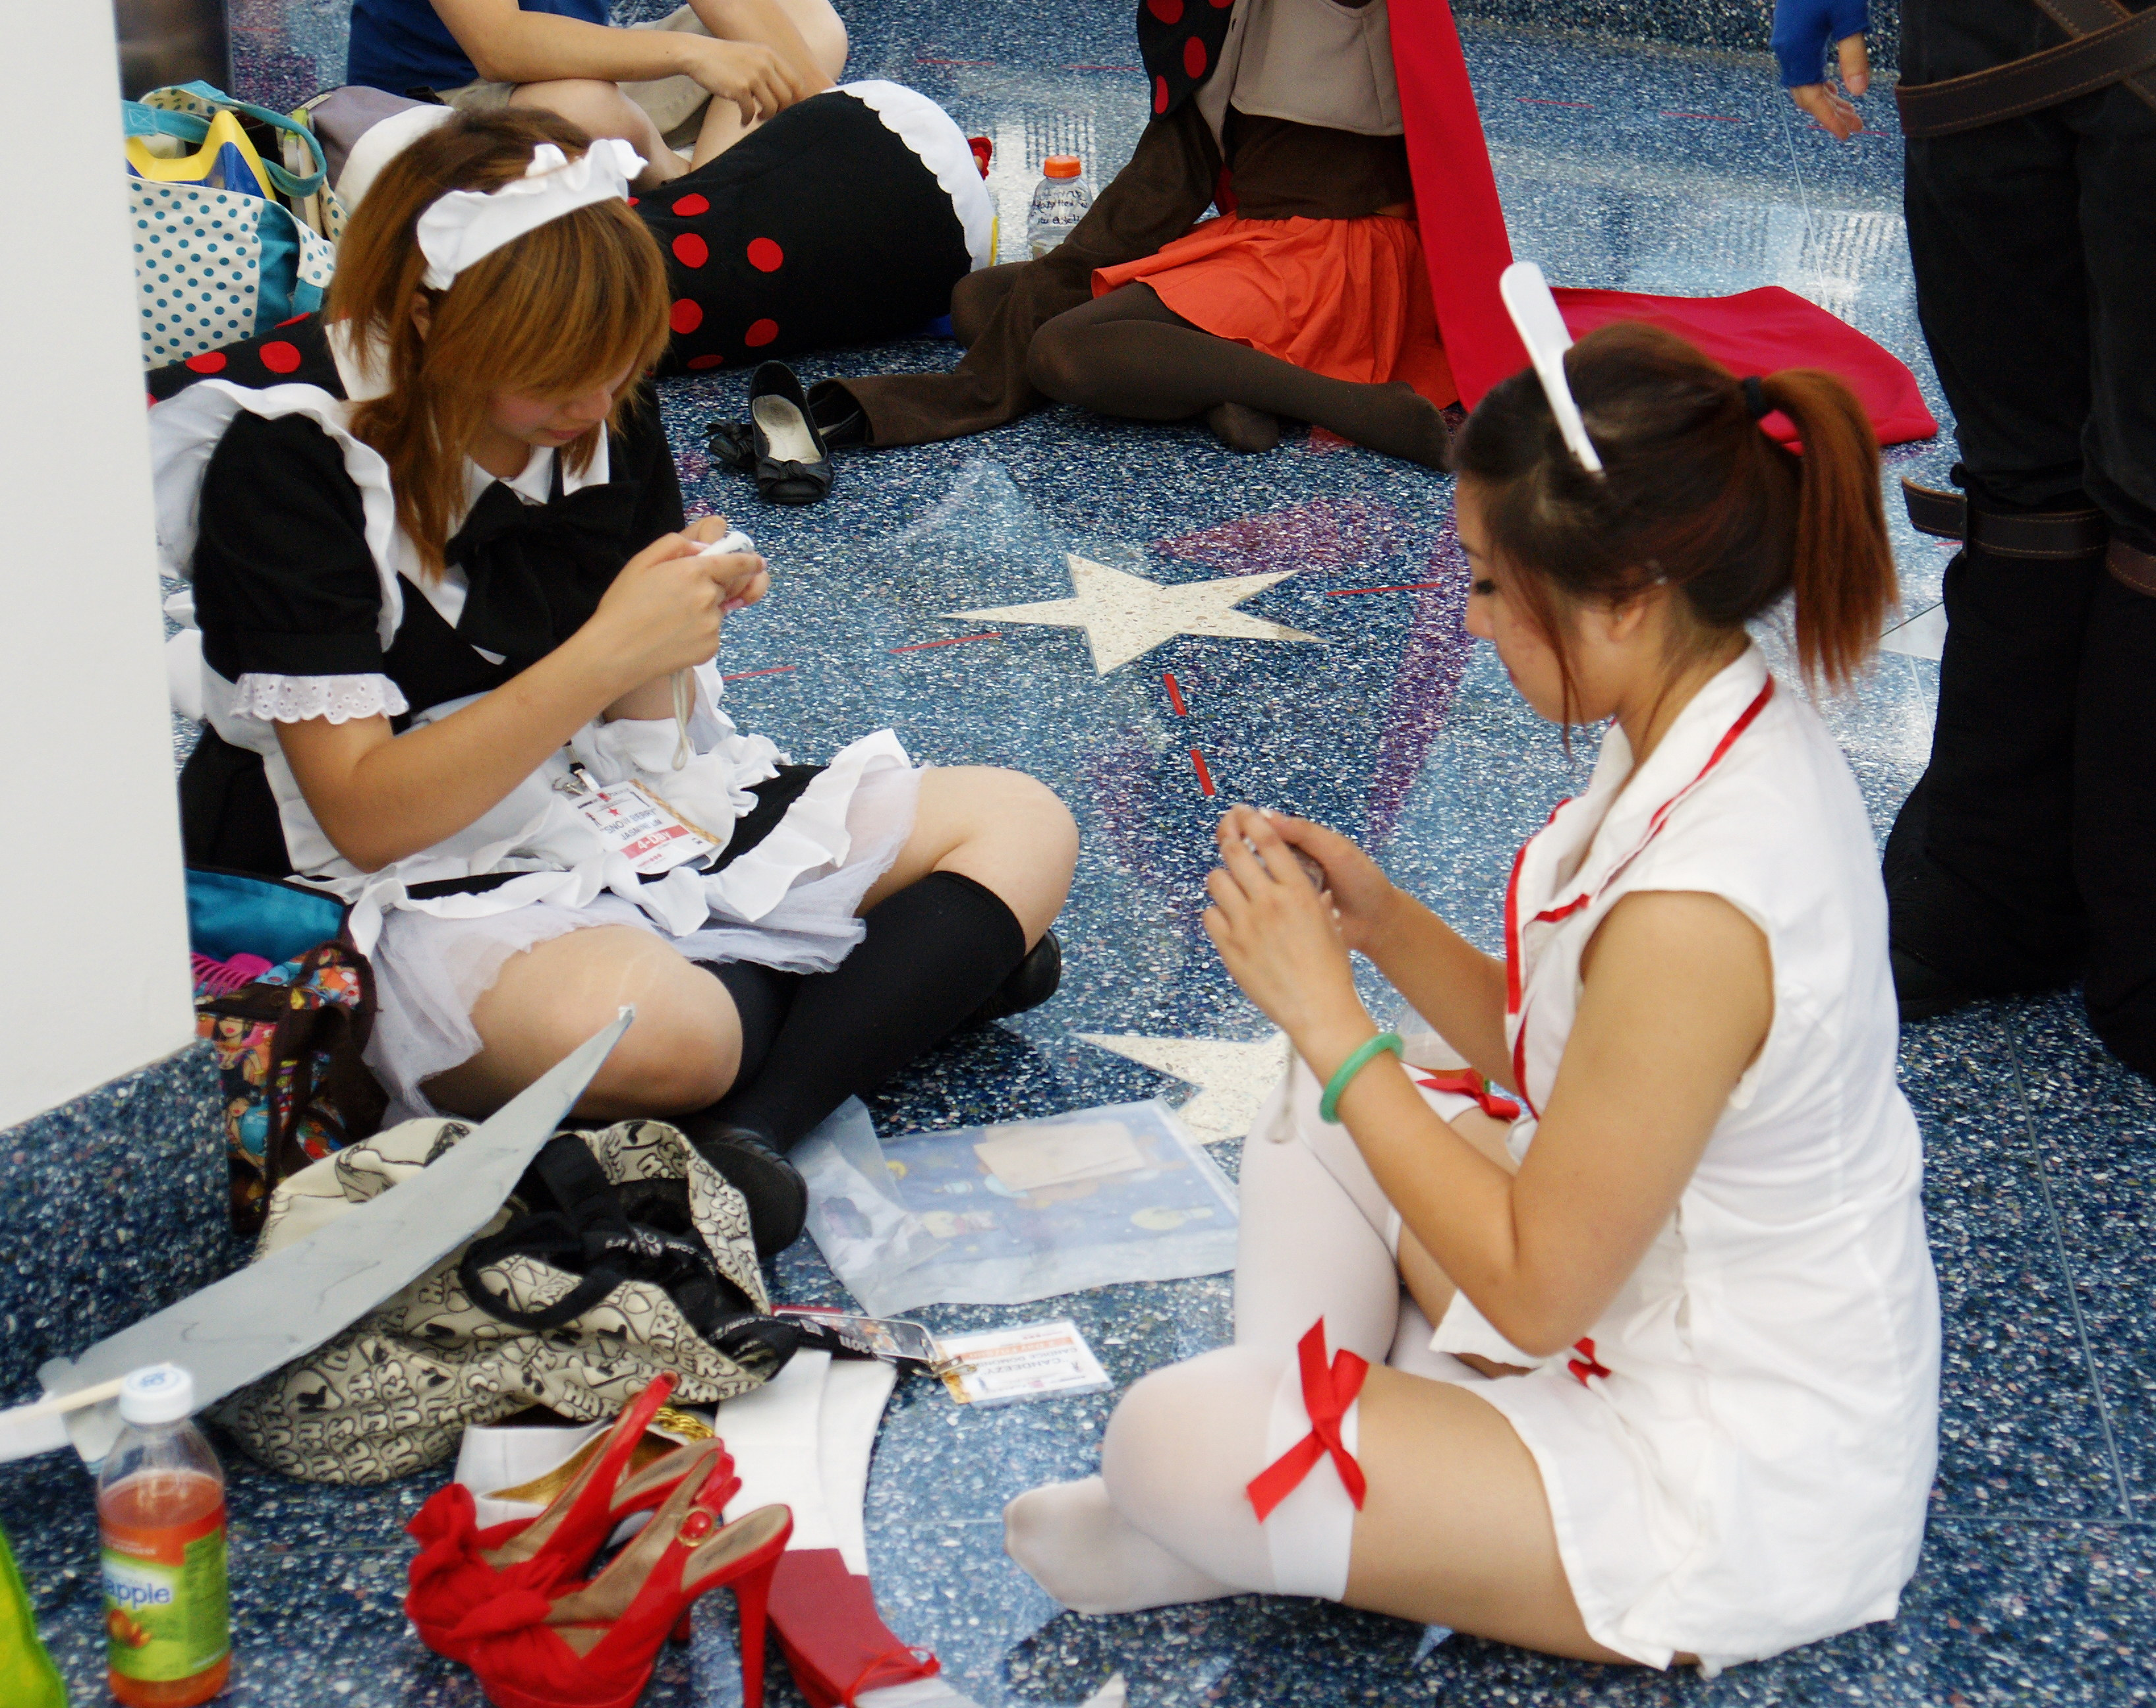 Anime-Taking-A-Break-Gallery03